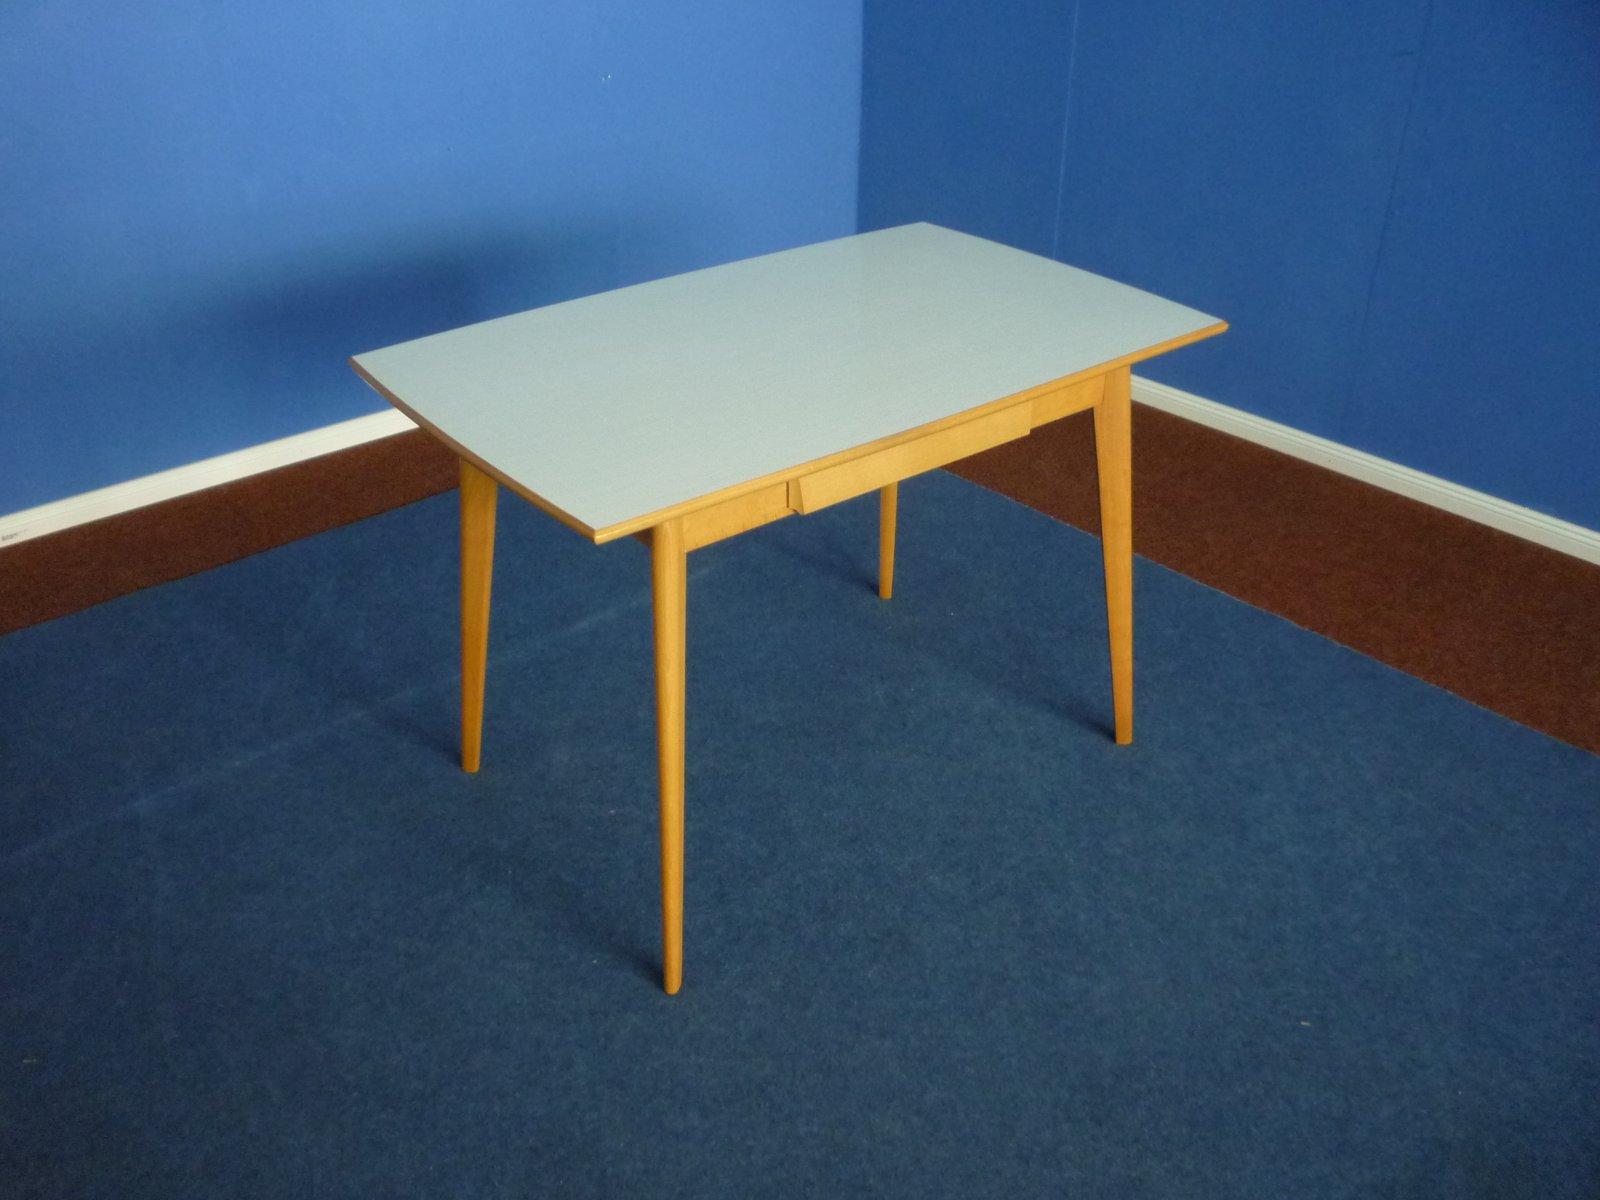 Dipingere un tavolo di formica tavolo cucina anni vintage awesome tavolo cucina marmo pictures - Dipingere mobili laminato ...